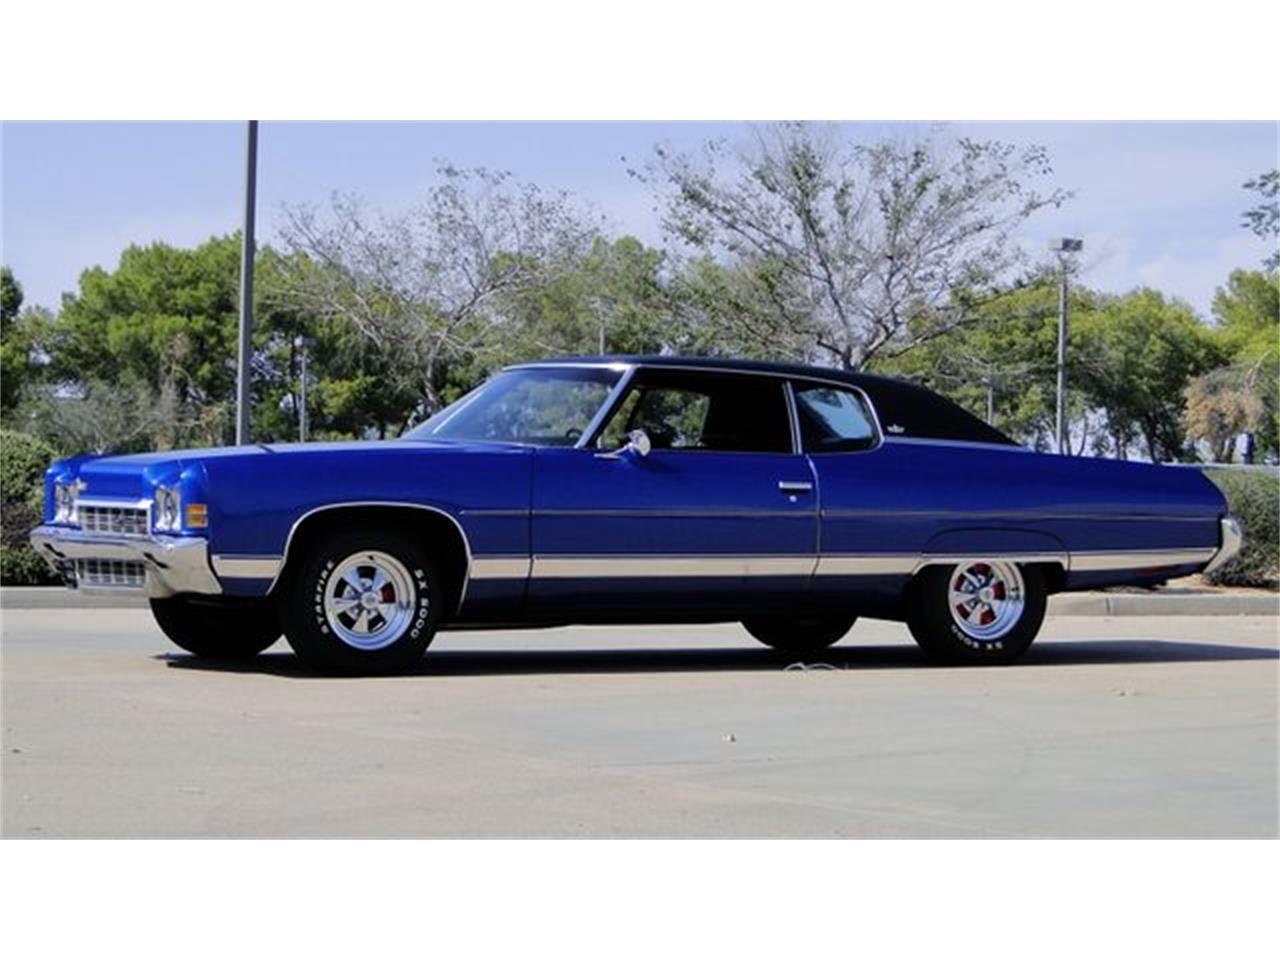 For Sale: 1972 Chevrolet Caprice in Phoenix, Arizona